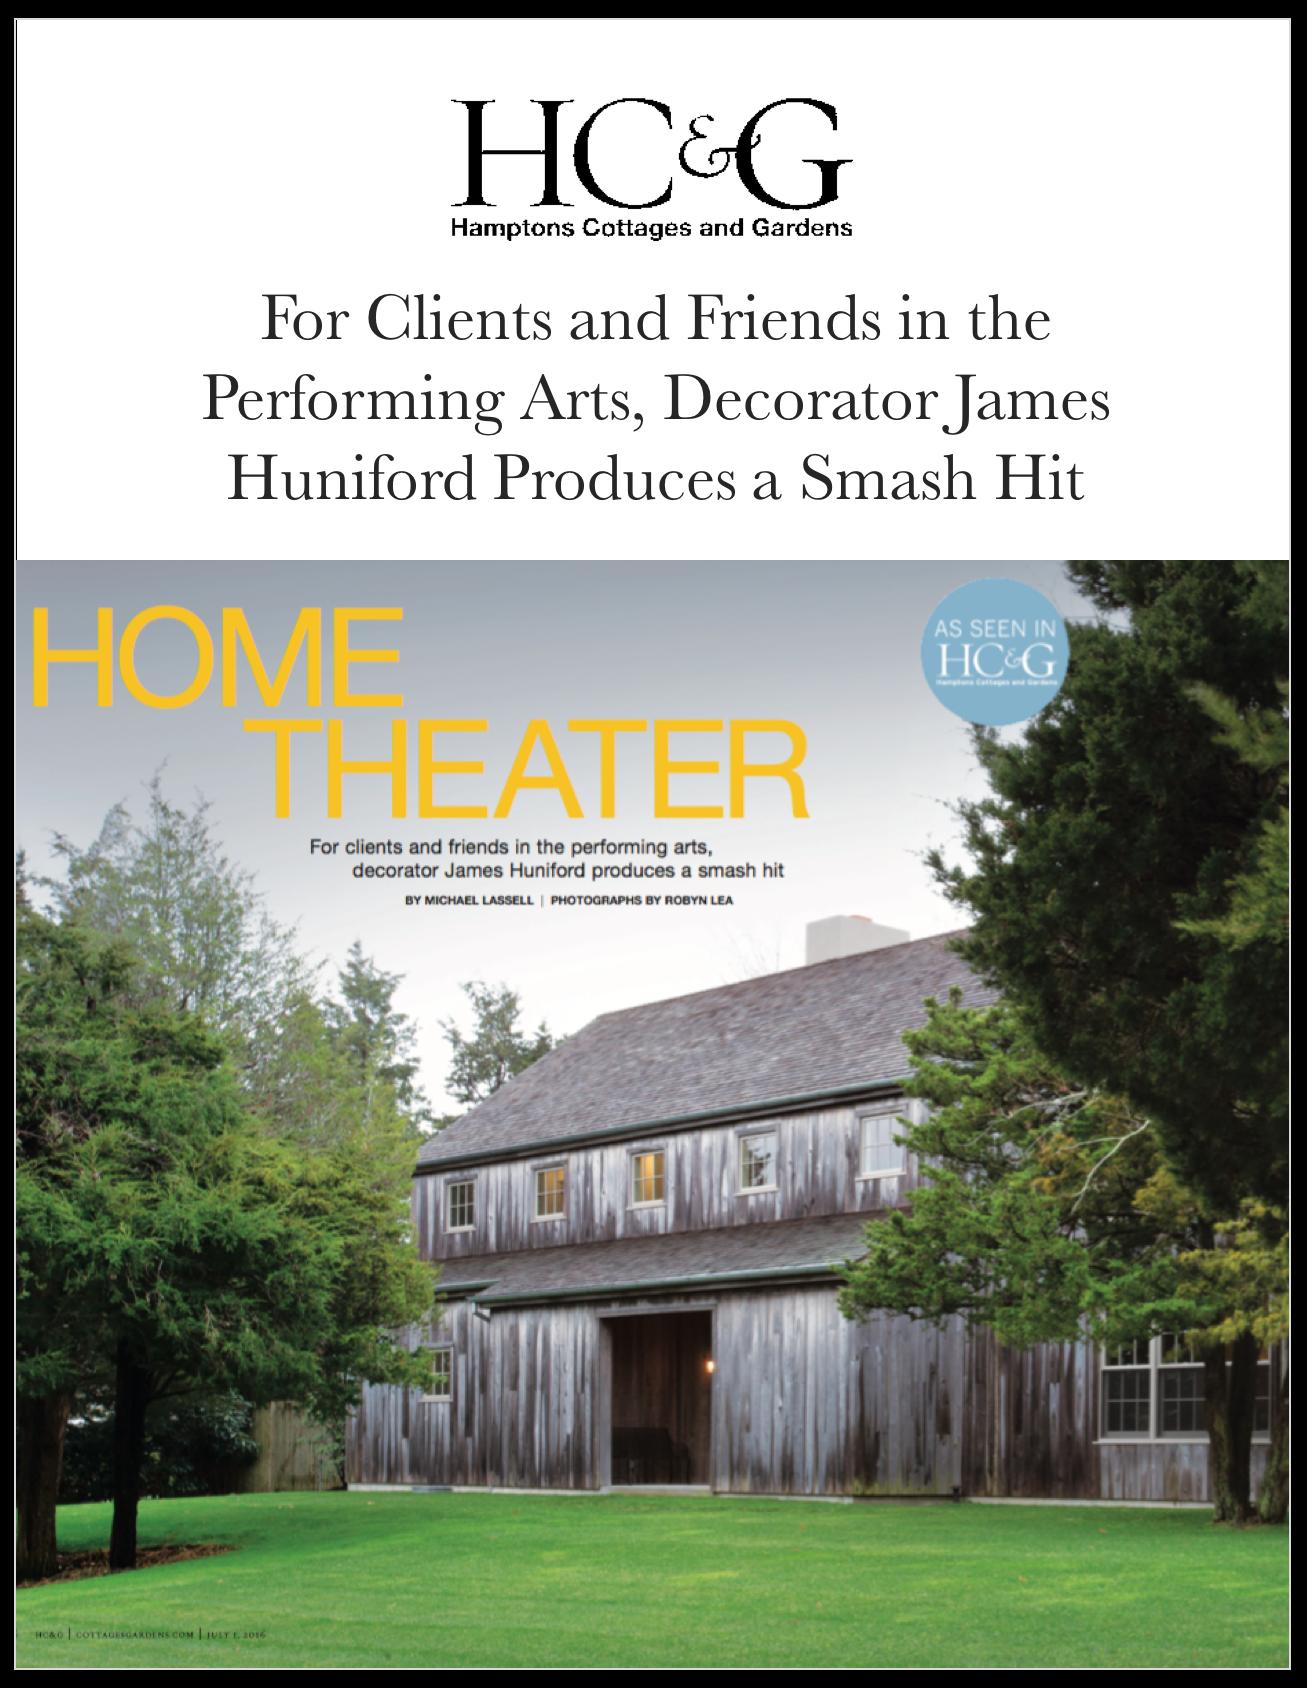 HC&G_THEATRE_COVER